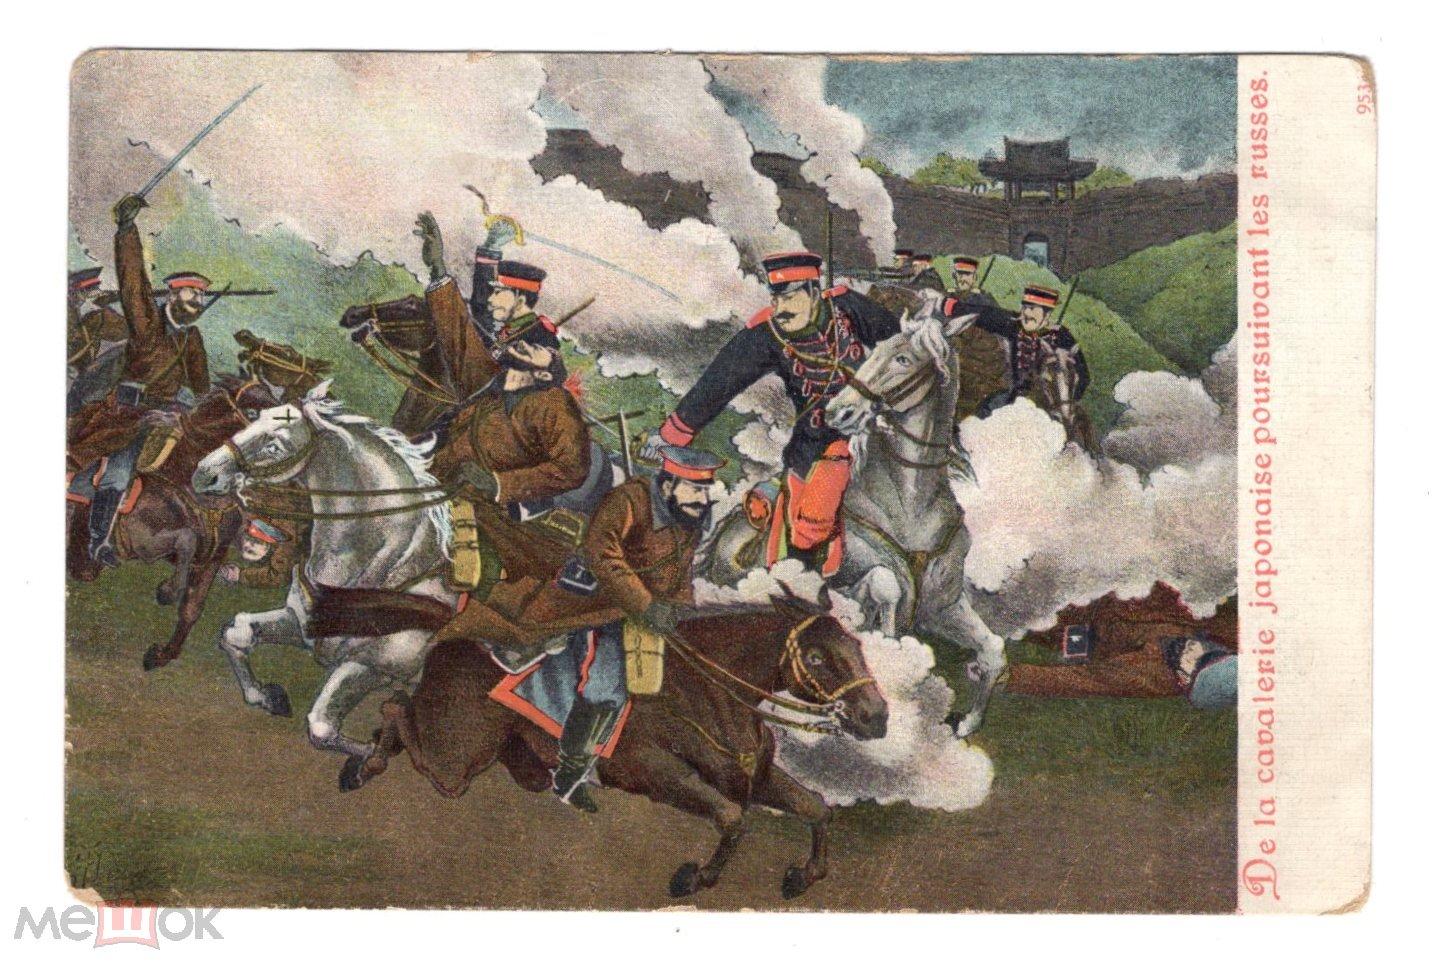 Открытки музыкальные, русско-японская война 1904-1905 на открытках